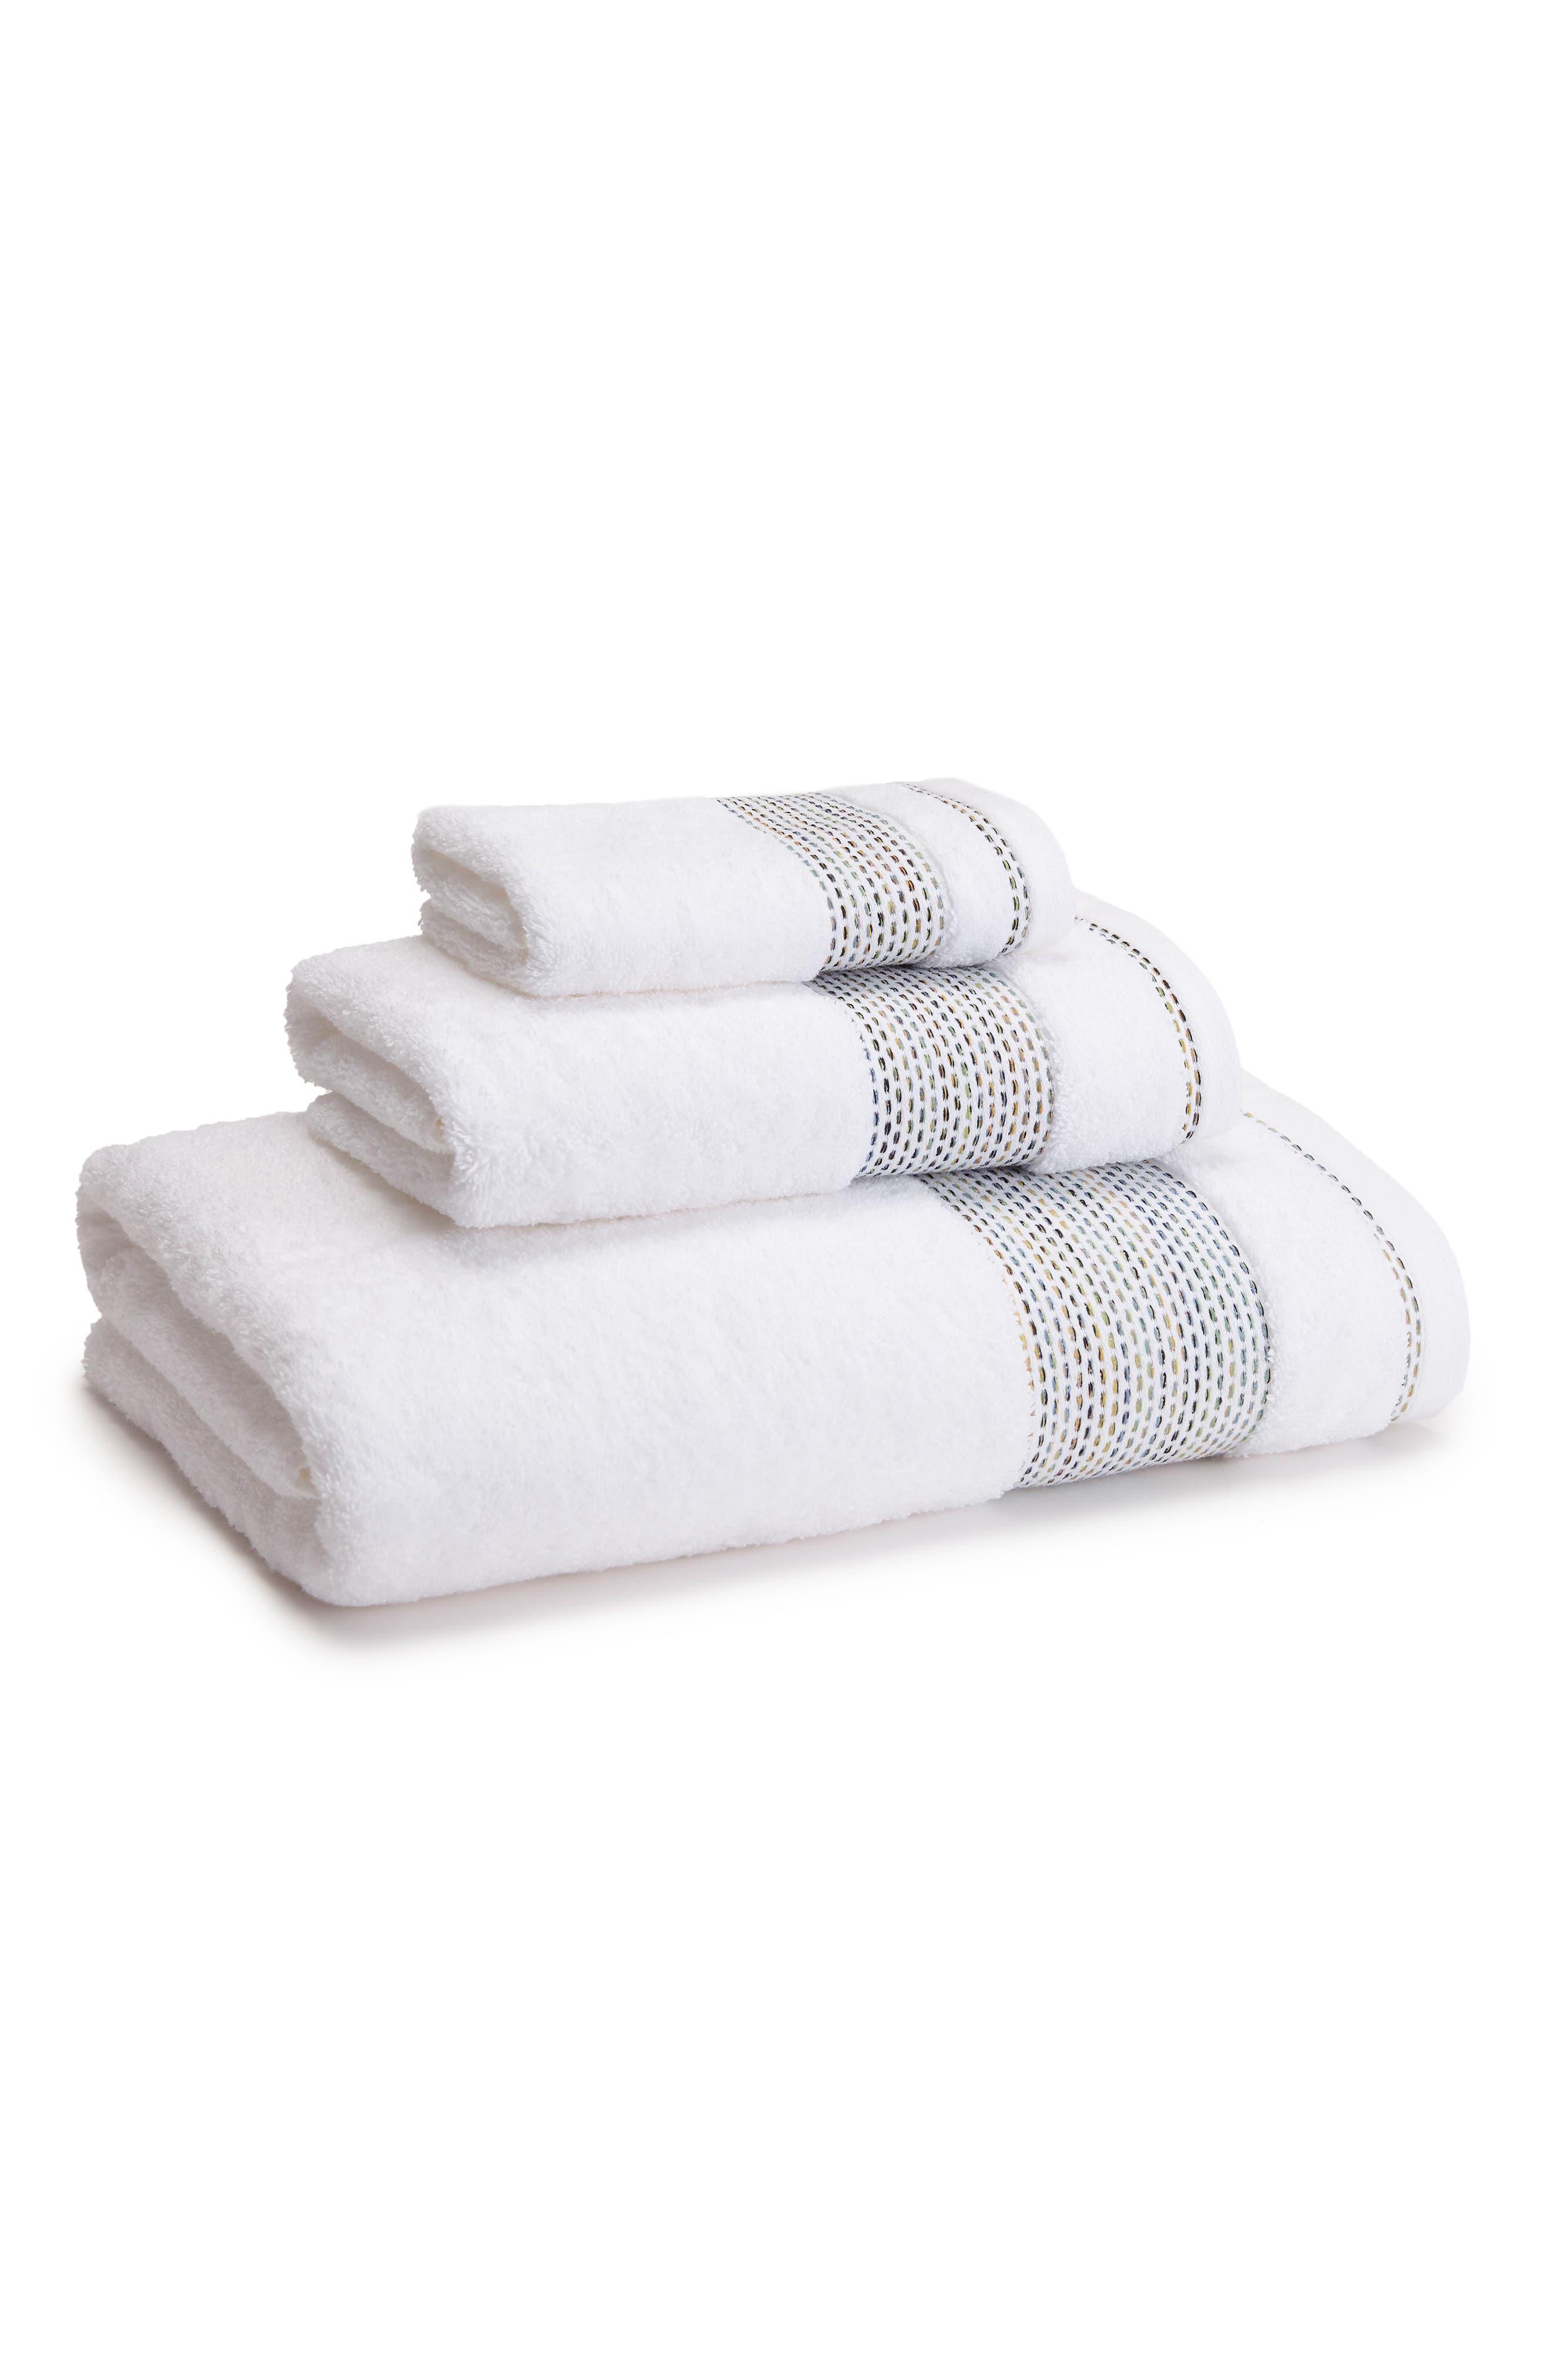 Alternate Image 1 Selected - KASSATEX Carnaby Hand Towel